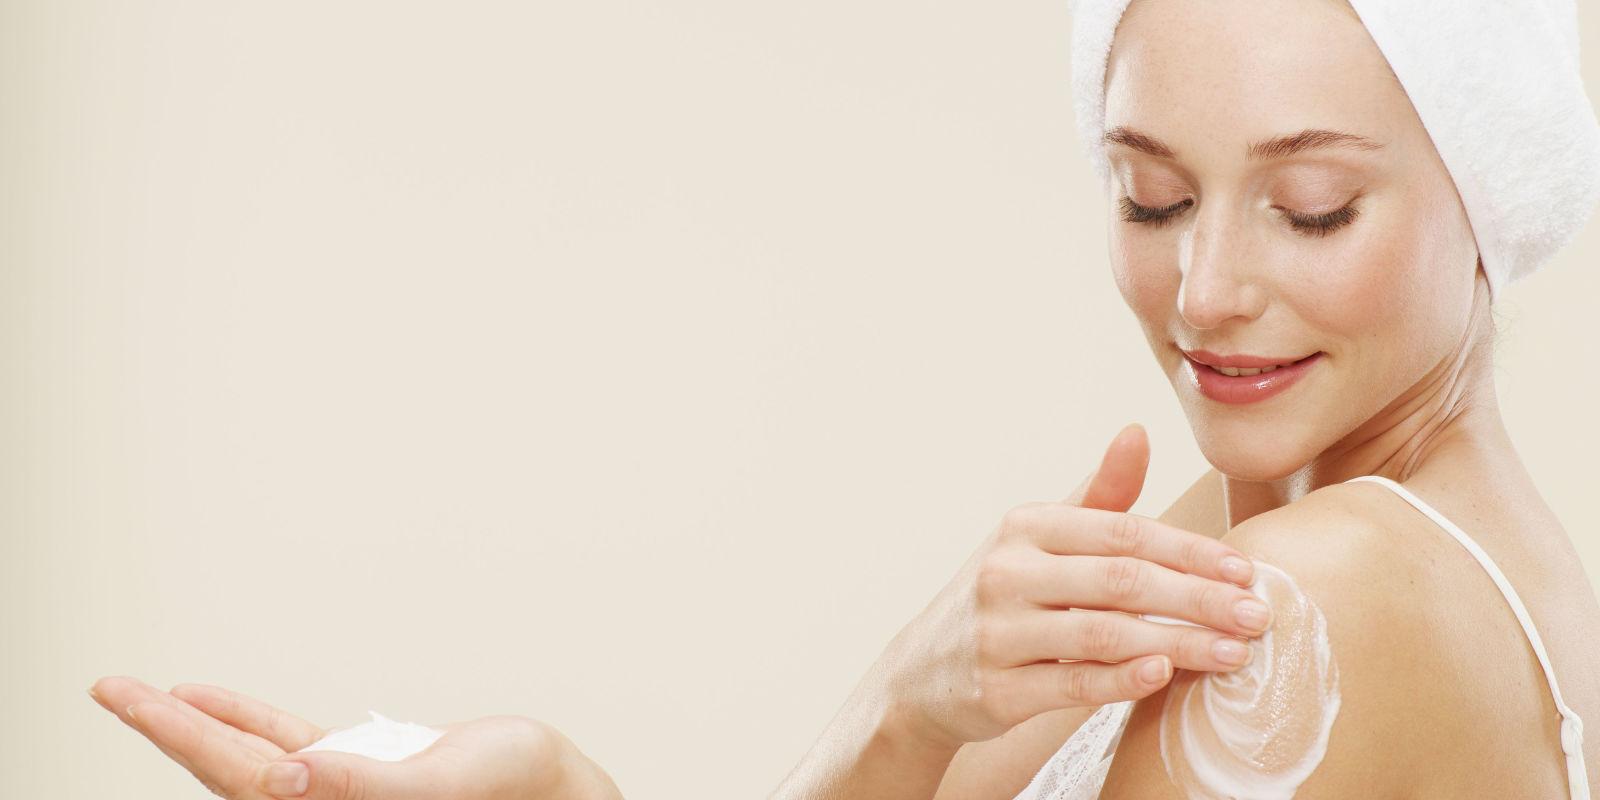 13 аптечных кремов для лица – какой рекомендуют врачи дерматологи для сухой кожи, рейтинг и отзывы про аптечные средства